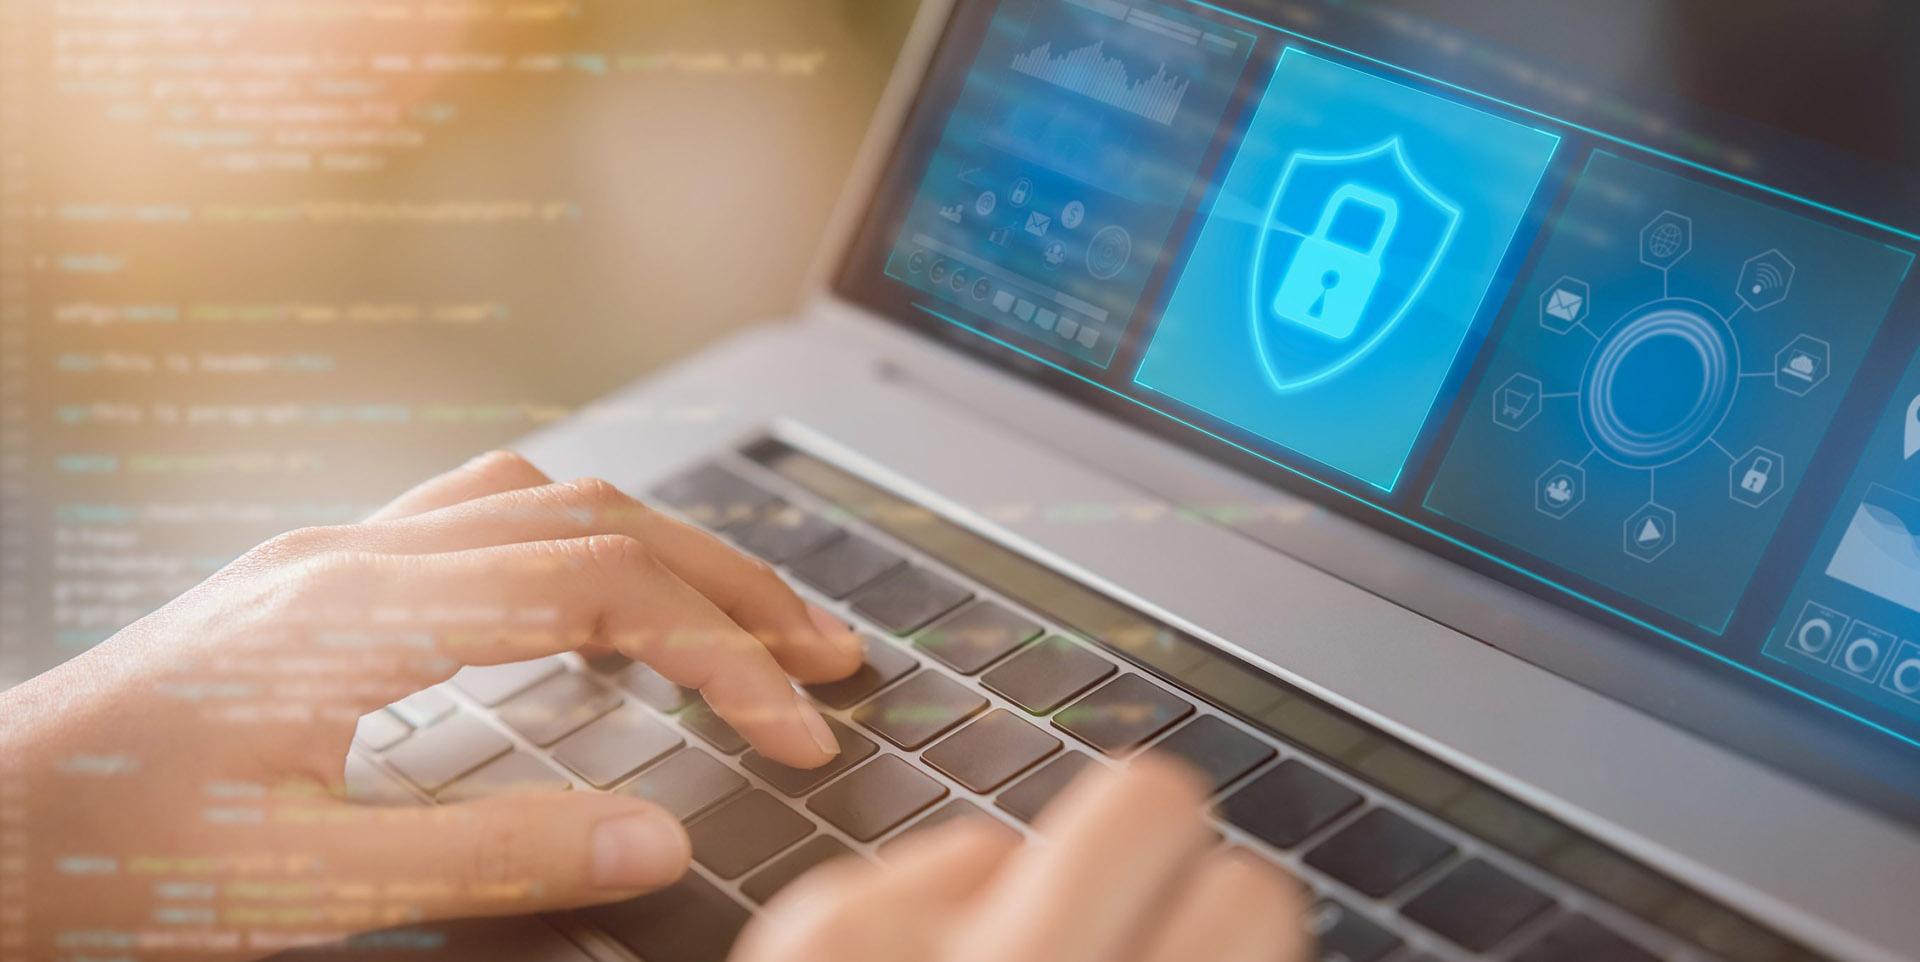 Premium Antivirus recommendations for Windows